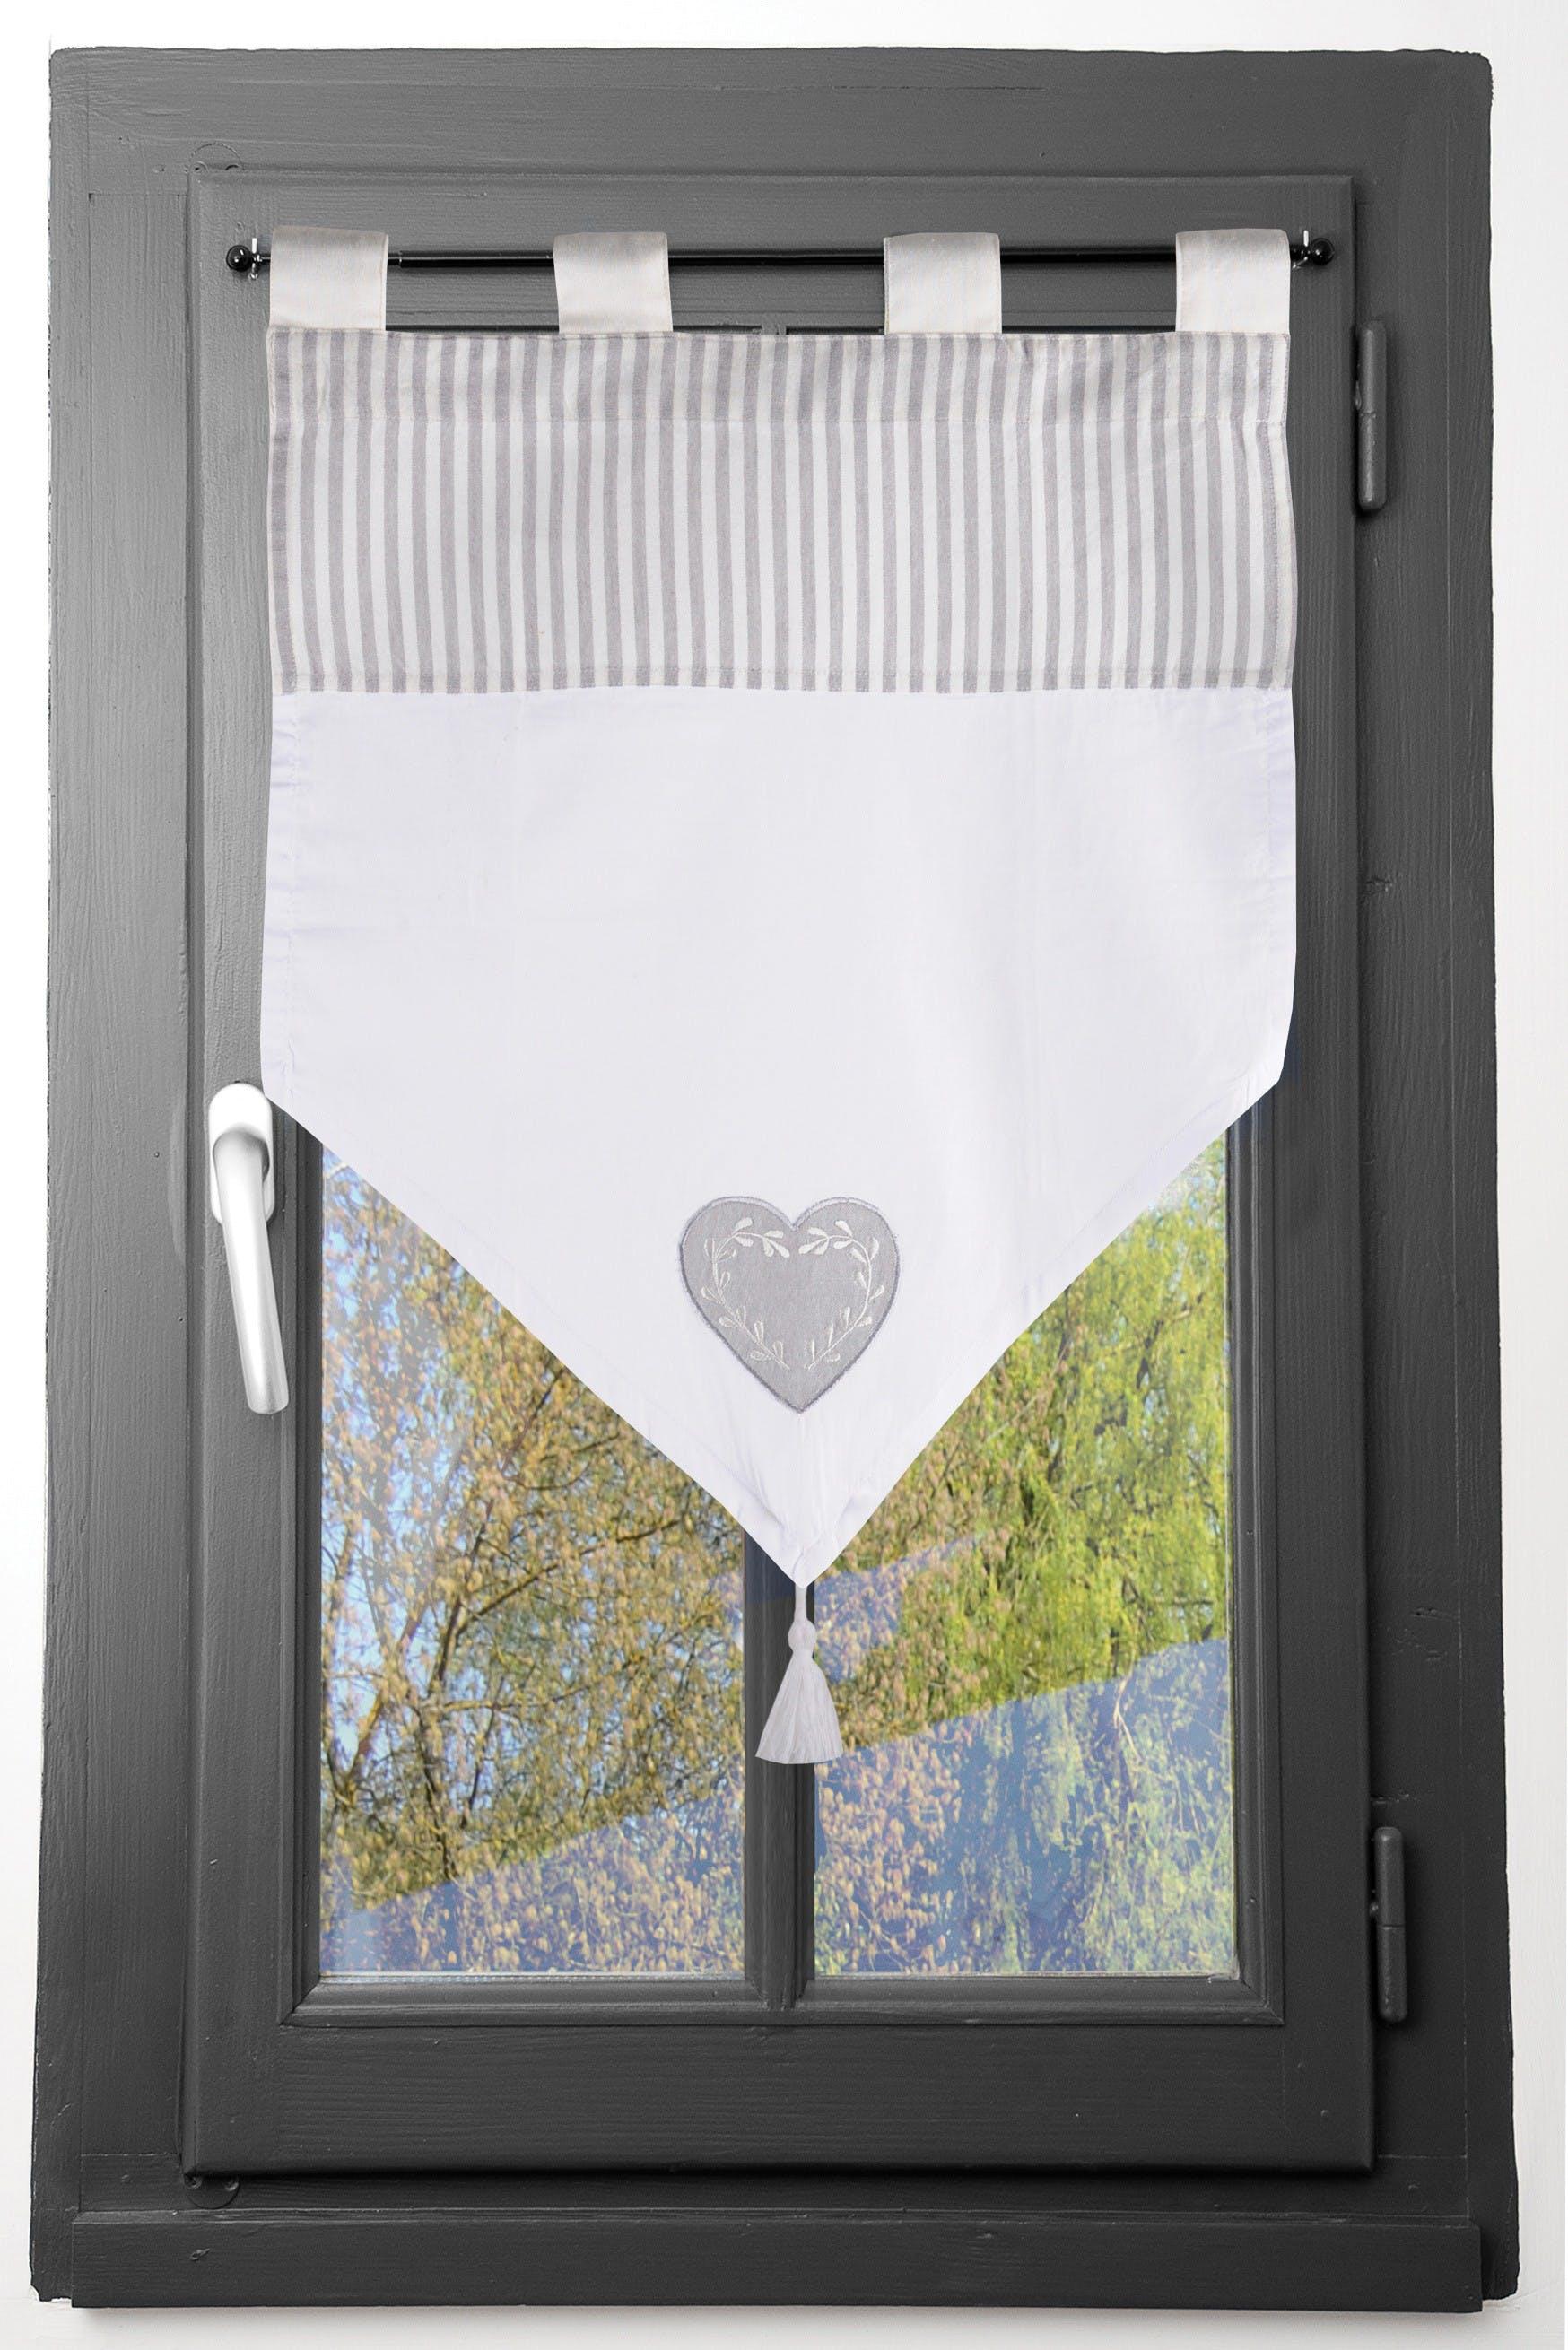 brise bise romantique en pointe raye ecru et gris decor coeur brode avec pompon 60x60cm 100 coton chinon